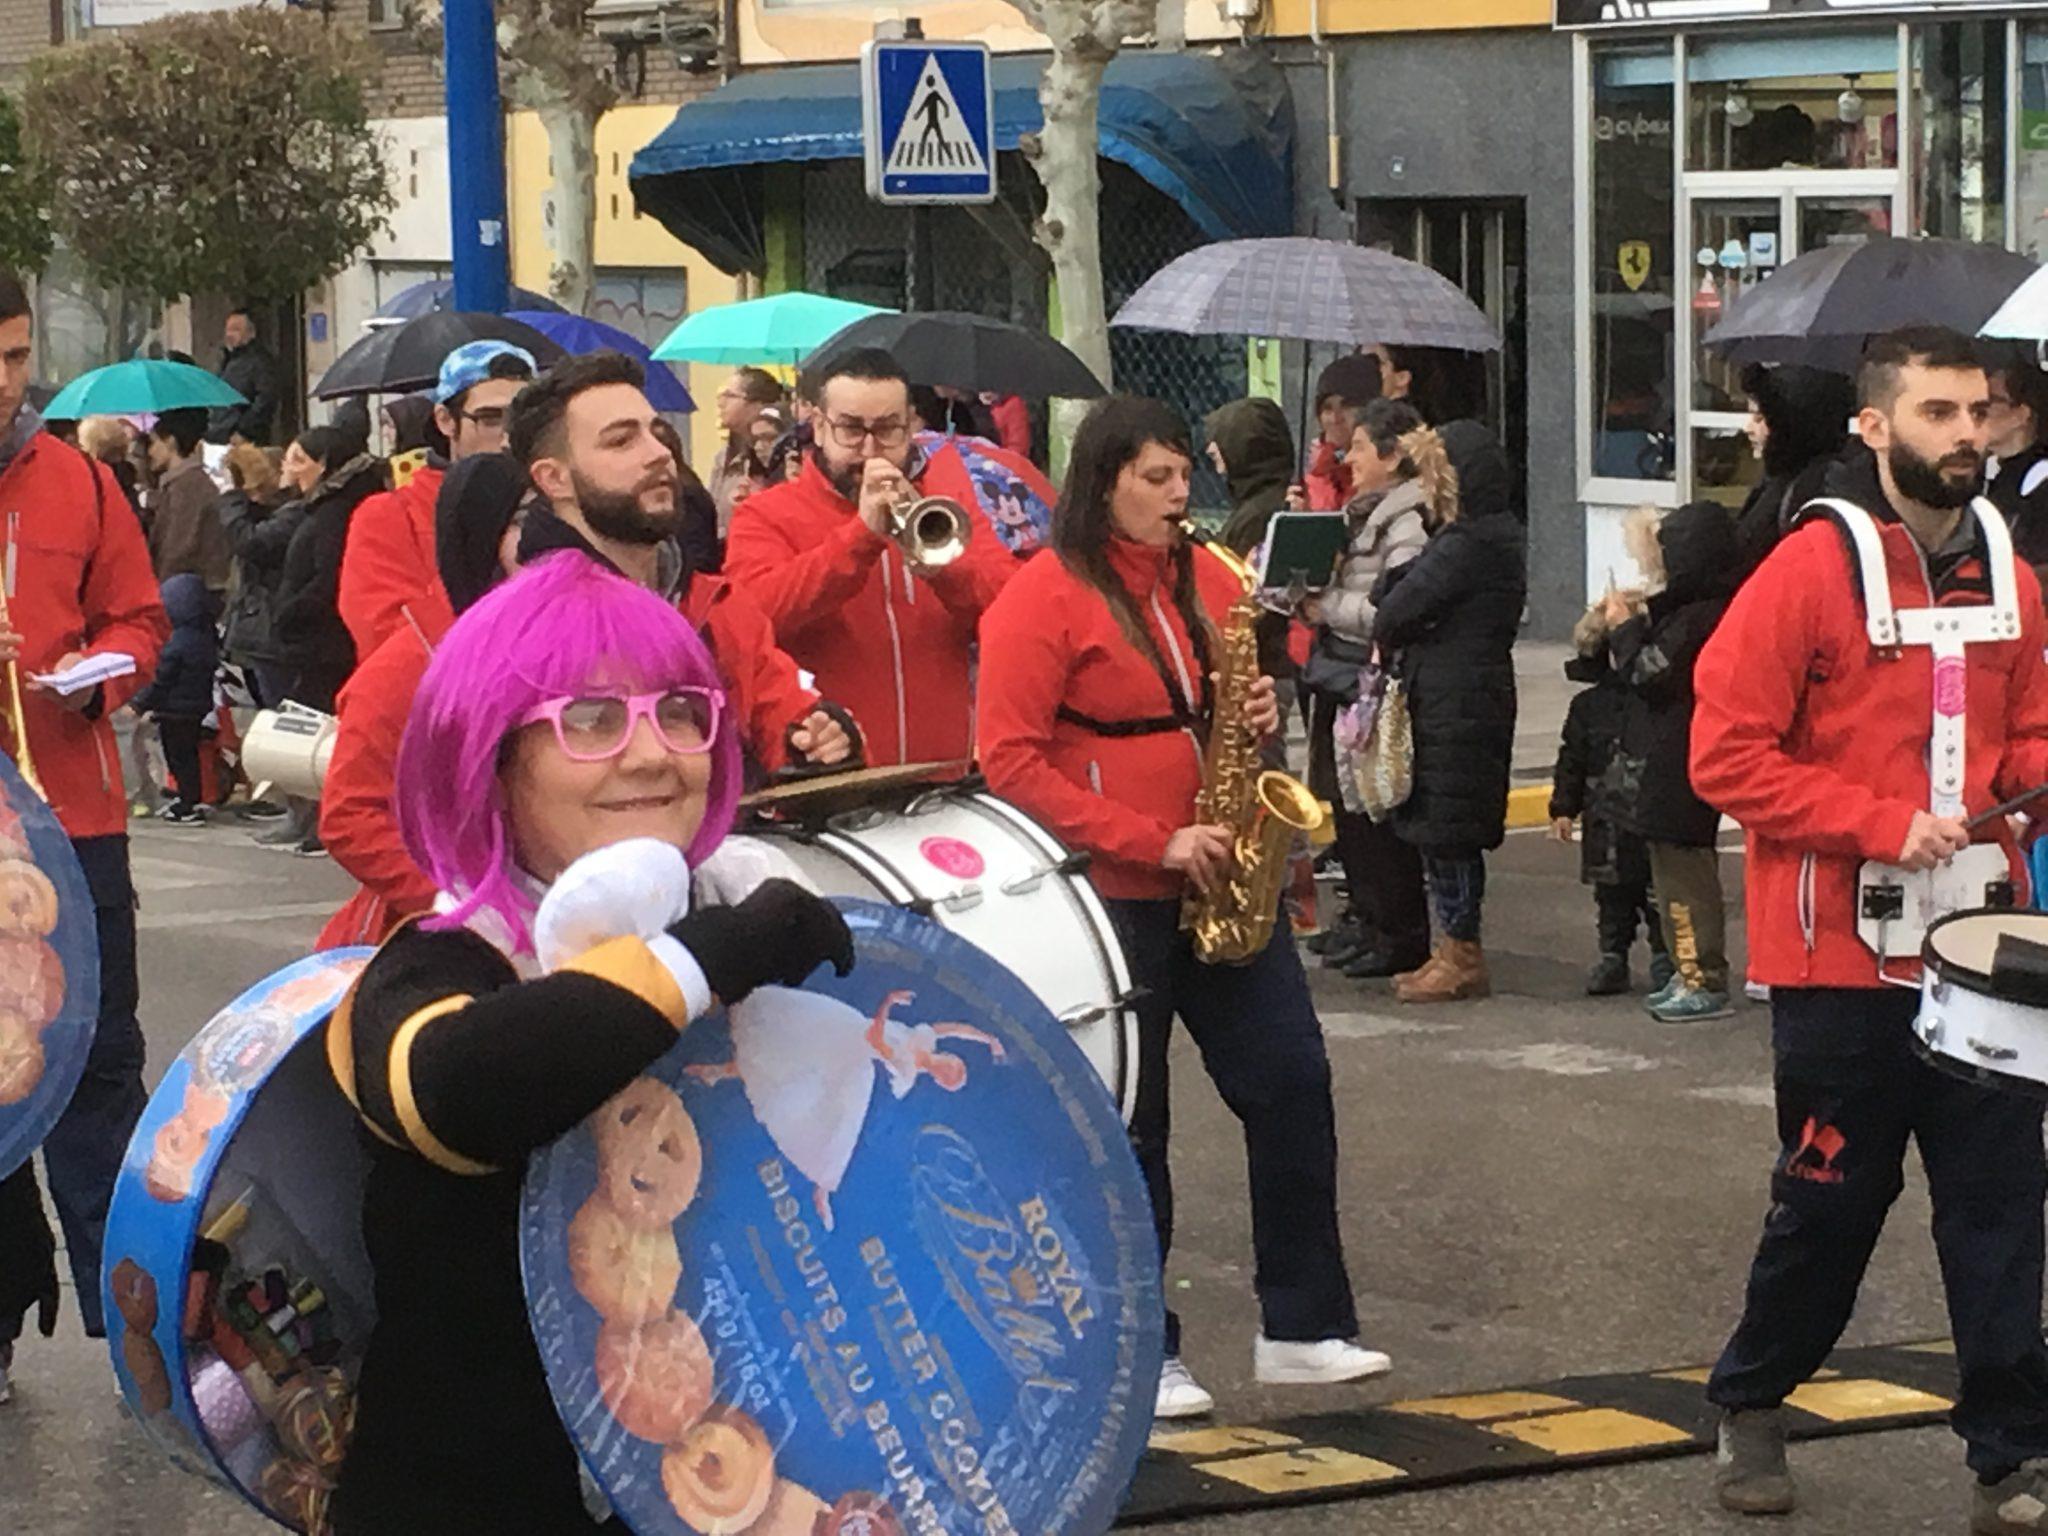 Álbum de fotos del martes de Carnaval 2019 en Ponferrada 9